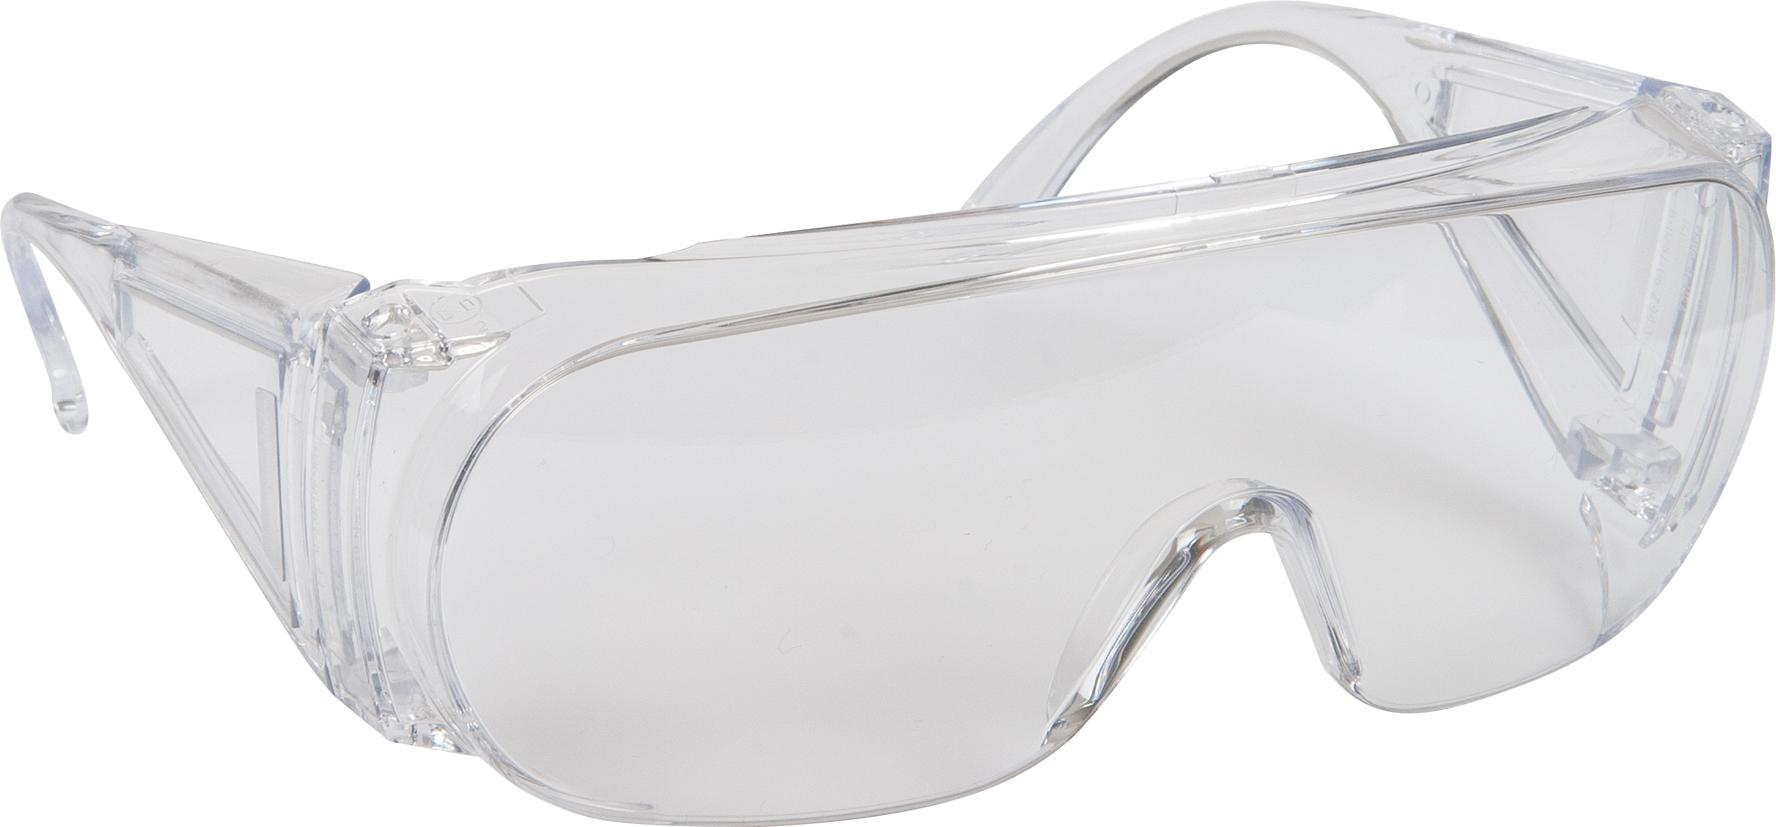 Überbrille Polysafe Plus Klar